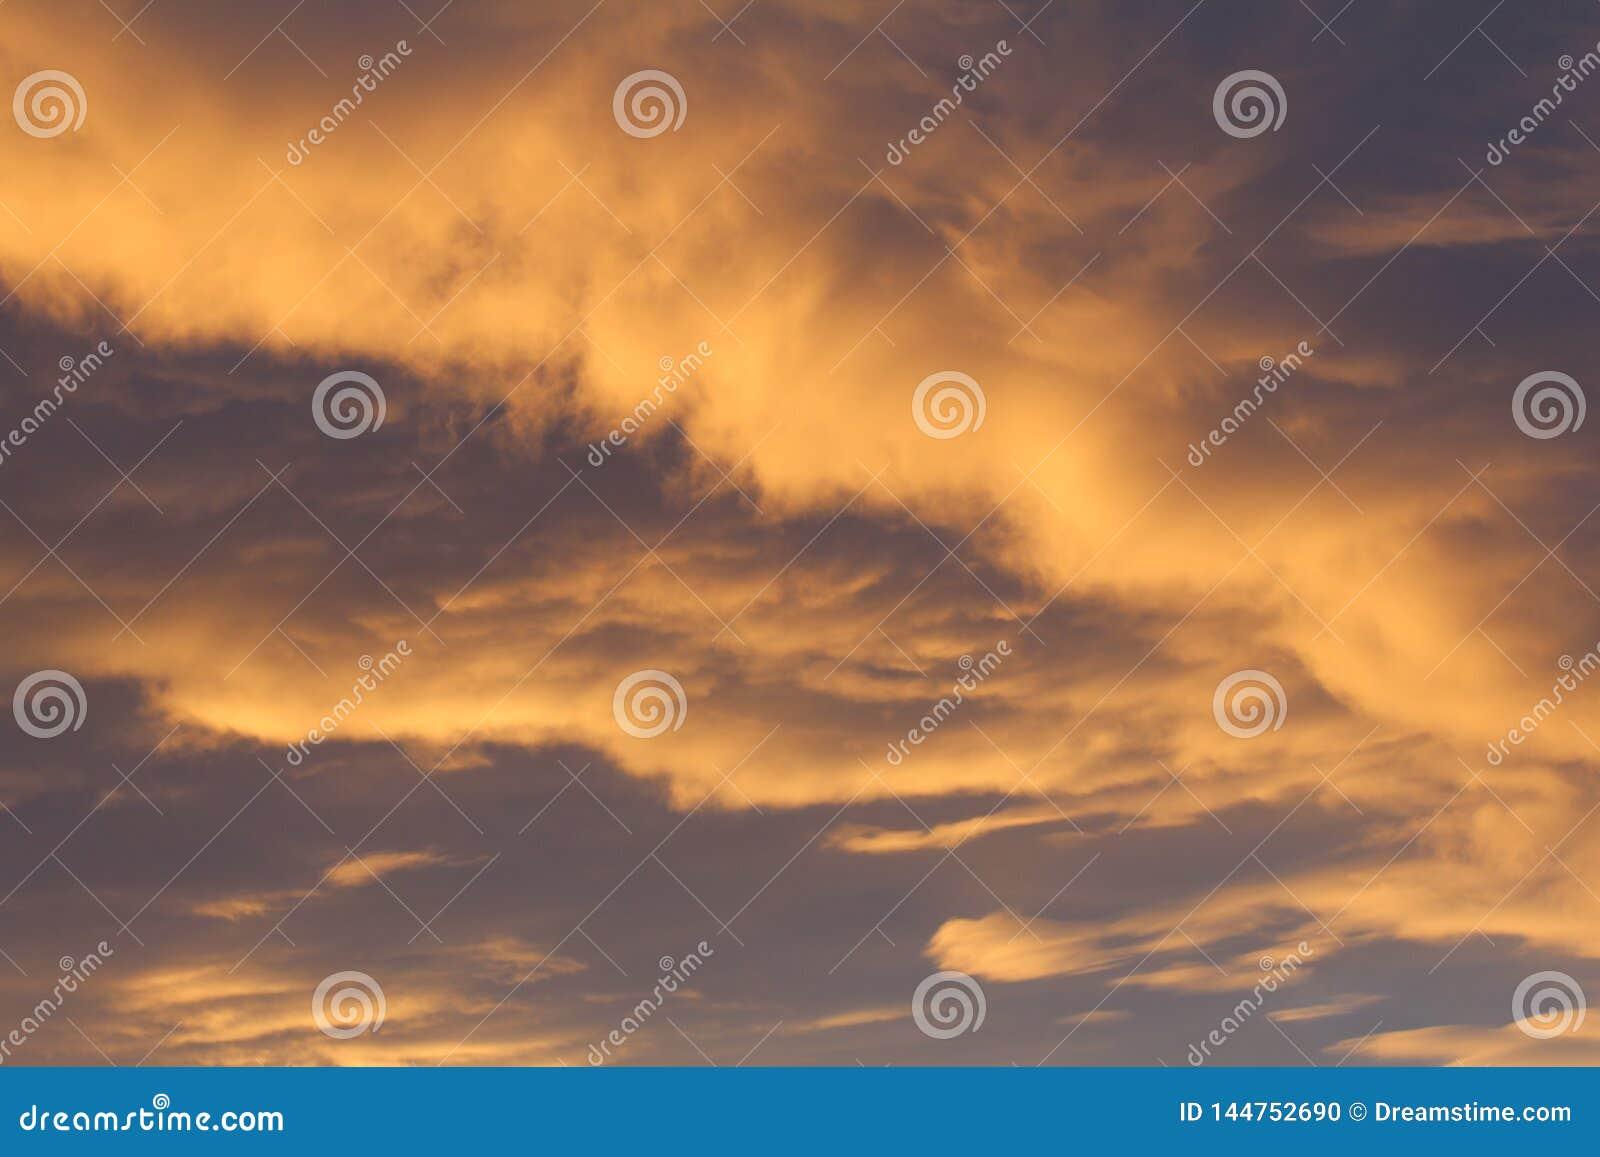 Verano gris del día de la tarde anaranjada de la nube del cielo originarse